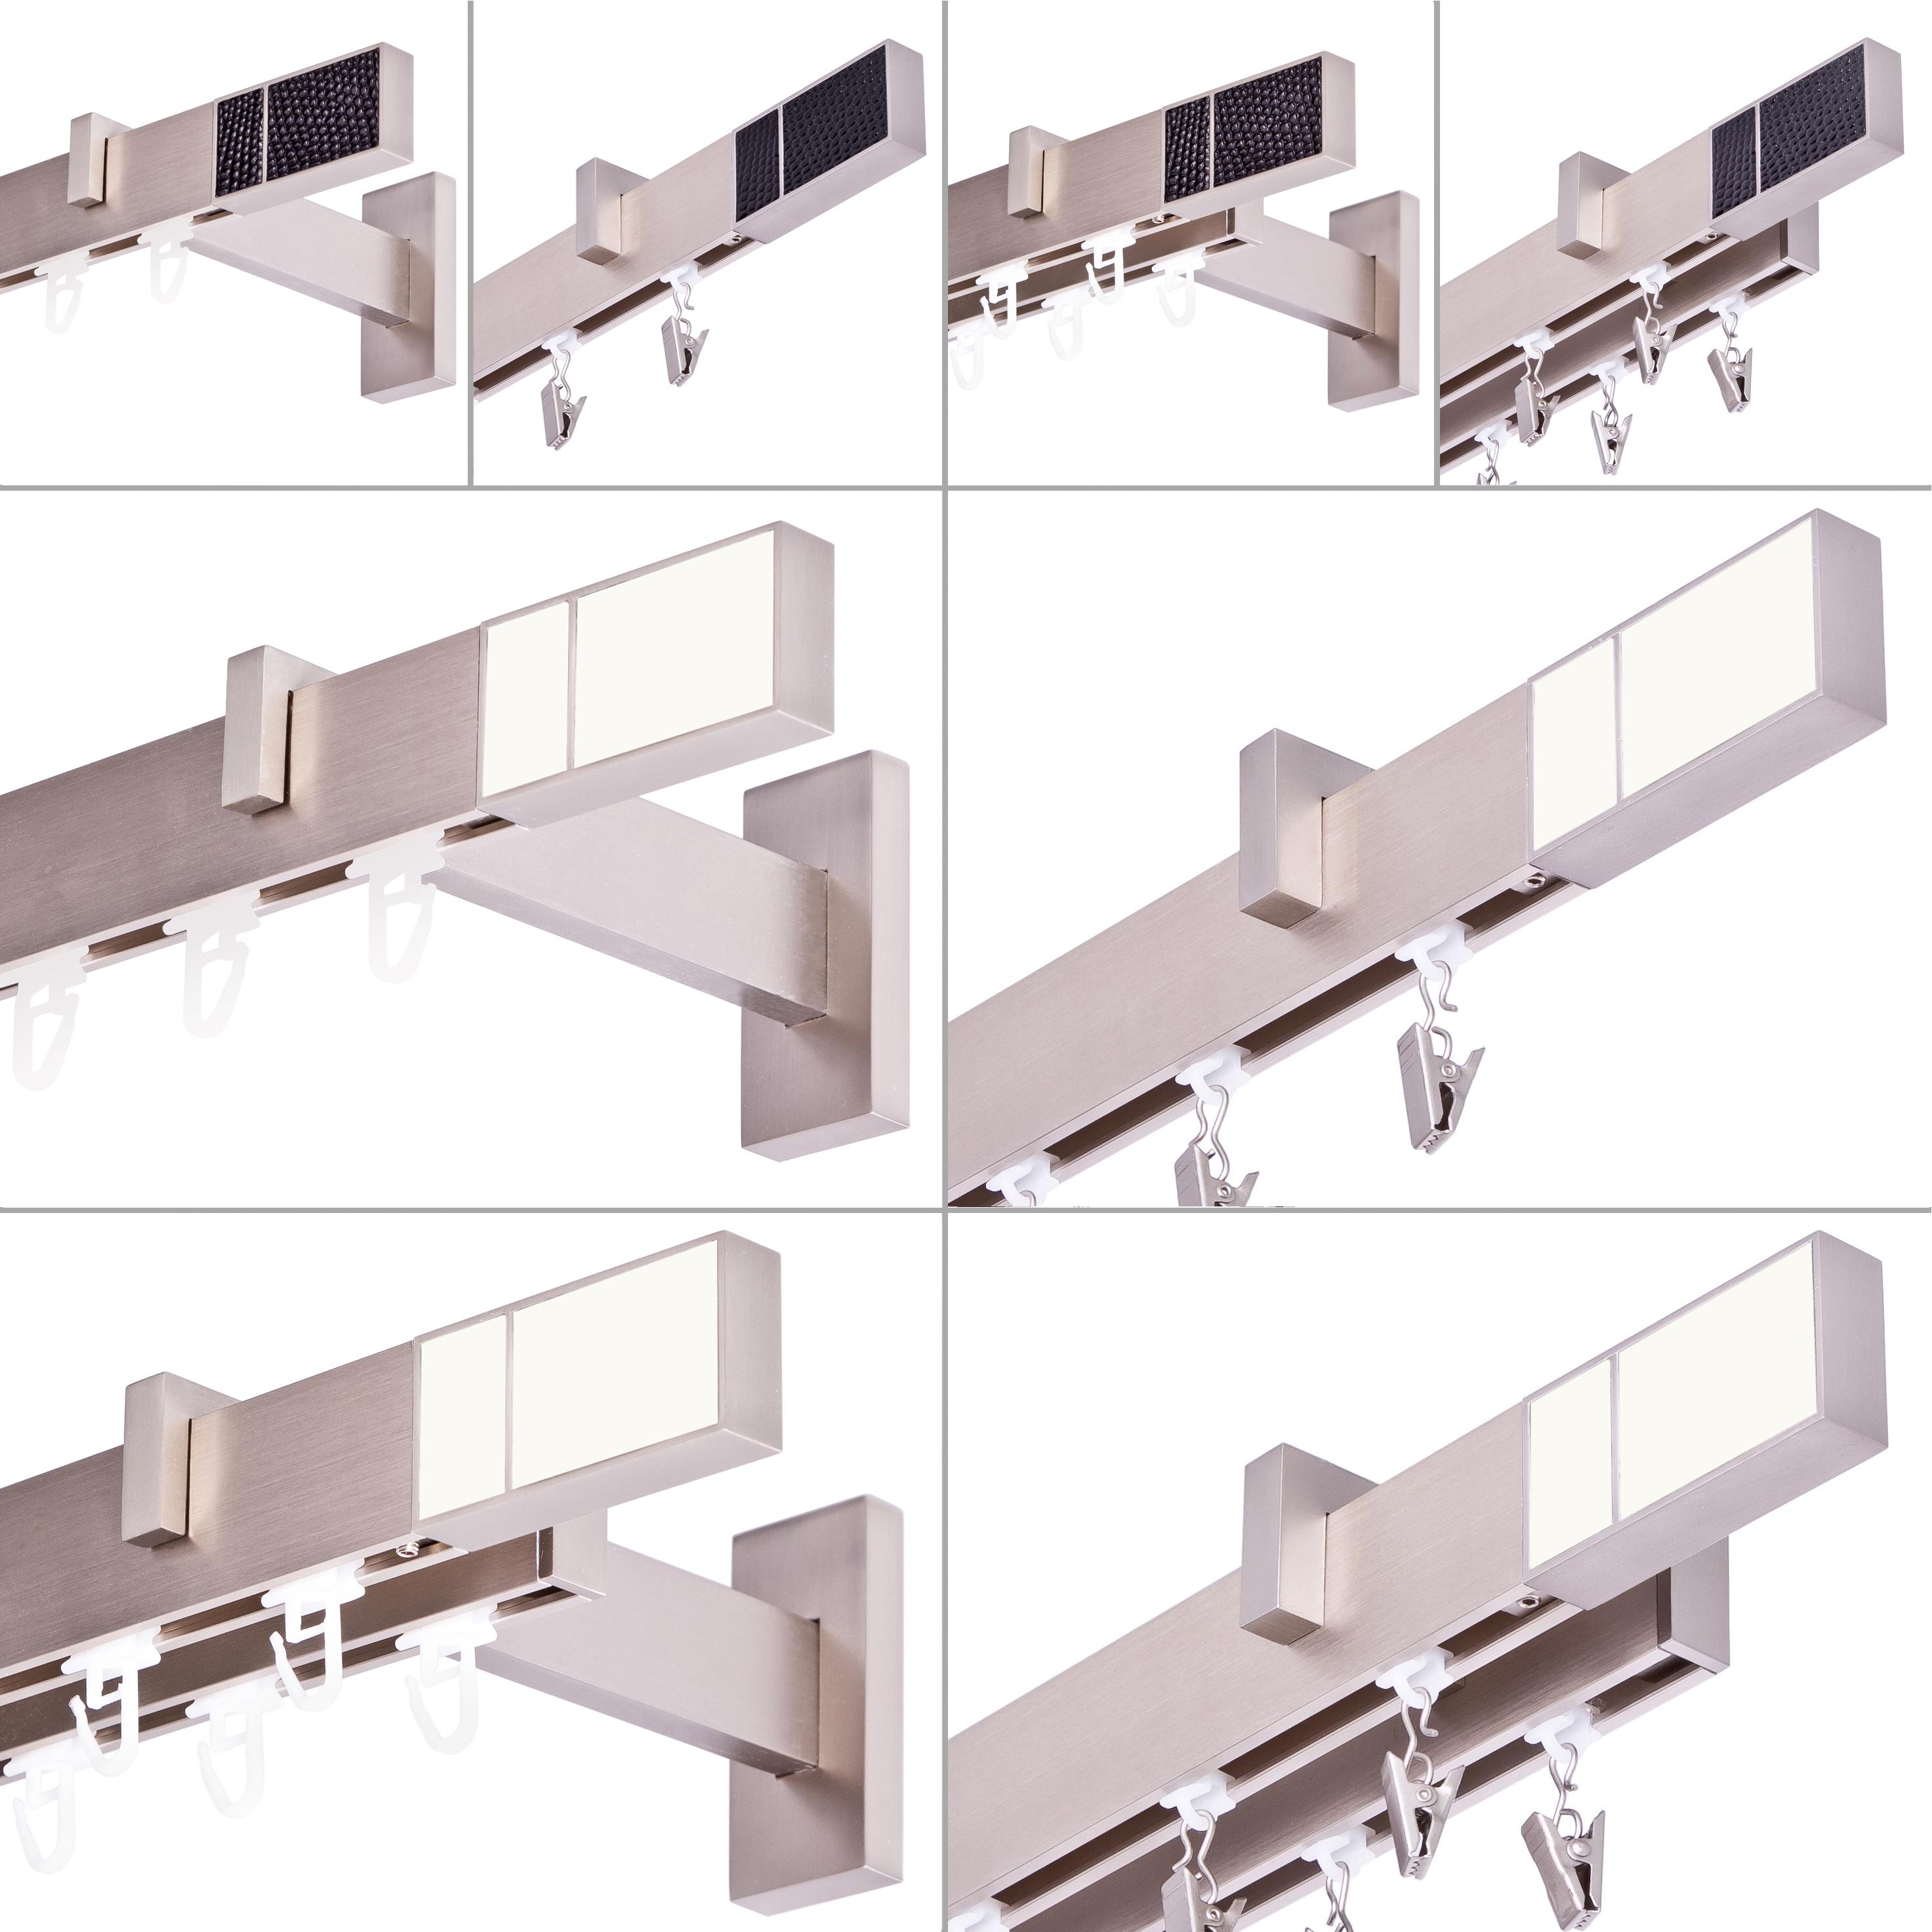 Gardinenstangen Schienen Gardinenstangen Zubehör Trendy